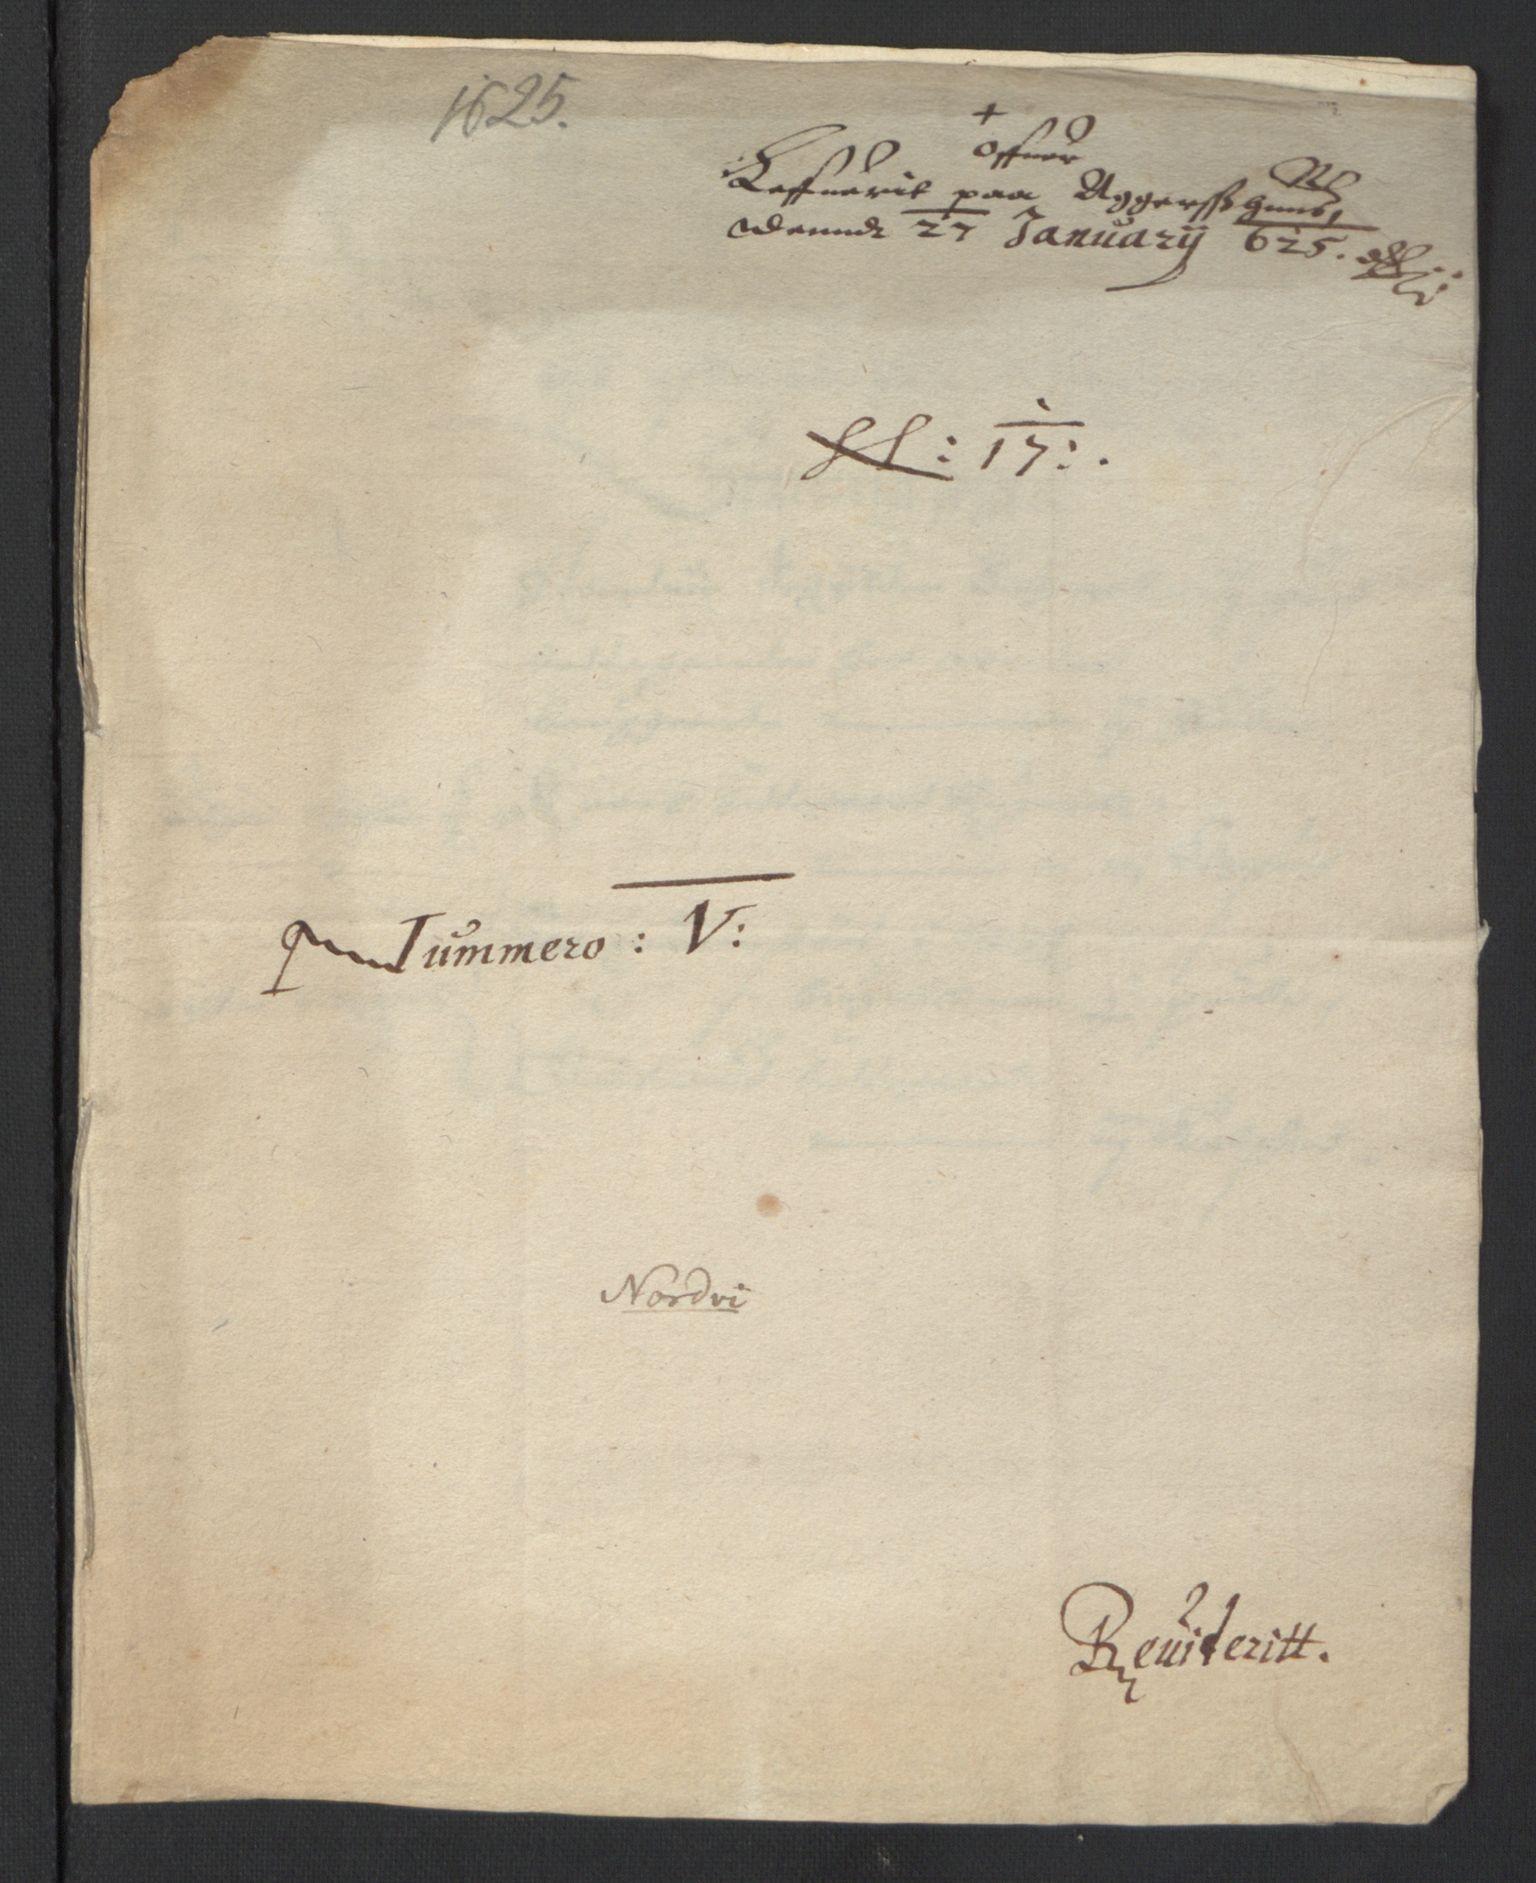 RA, Stattholderembetet 1572-1771, Ek/L0007: Jordebøker til utlikning av rosstjeneste 1624-1626:, 1624-1625, s. 169